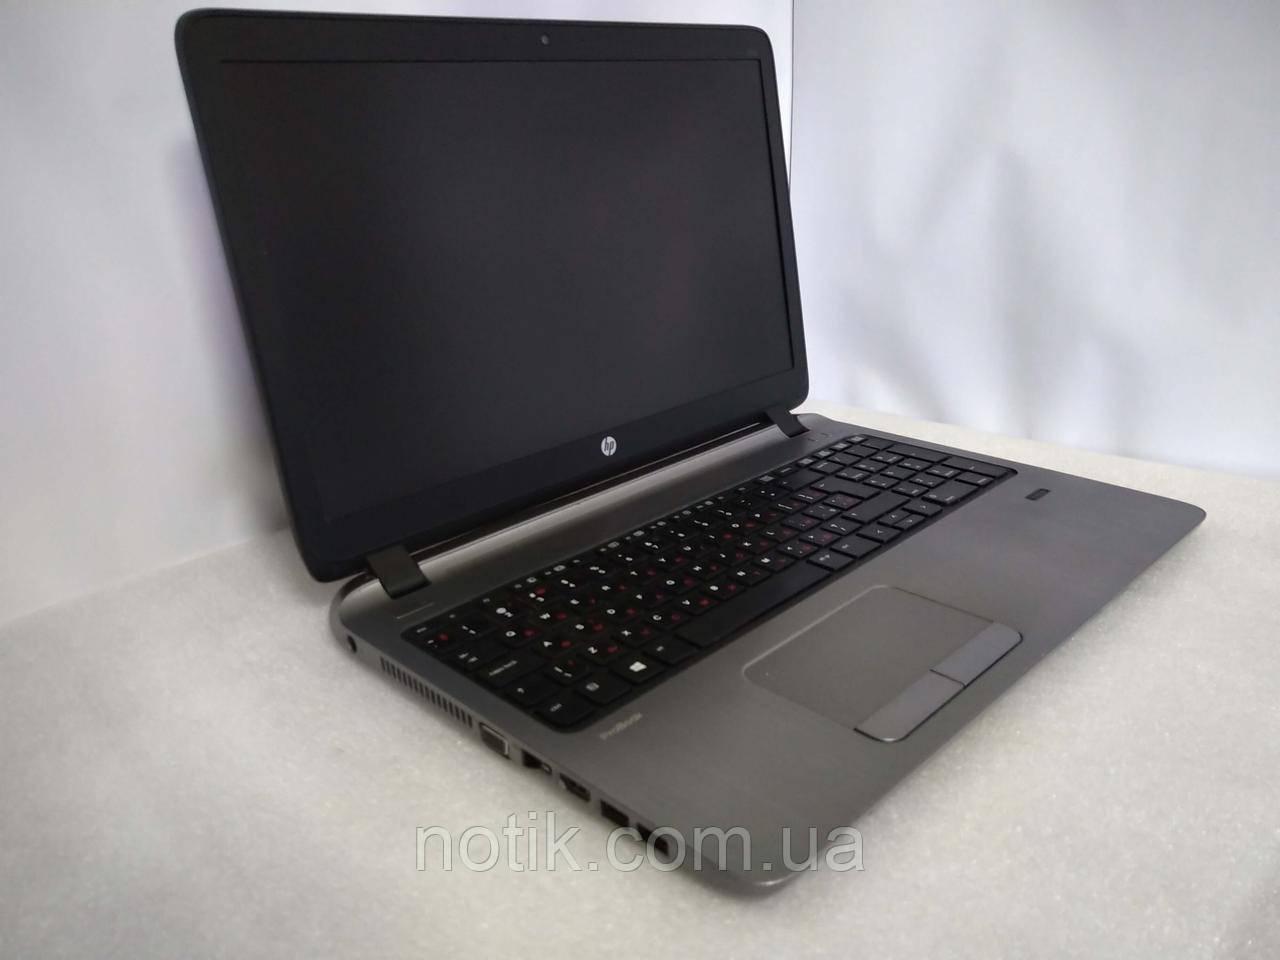 """Ноутбук HP 450 G2 i5-5200U/4Gb/320Gb/15.6"""""""